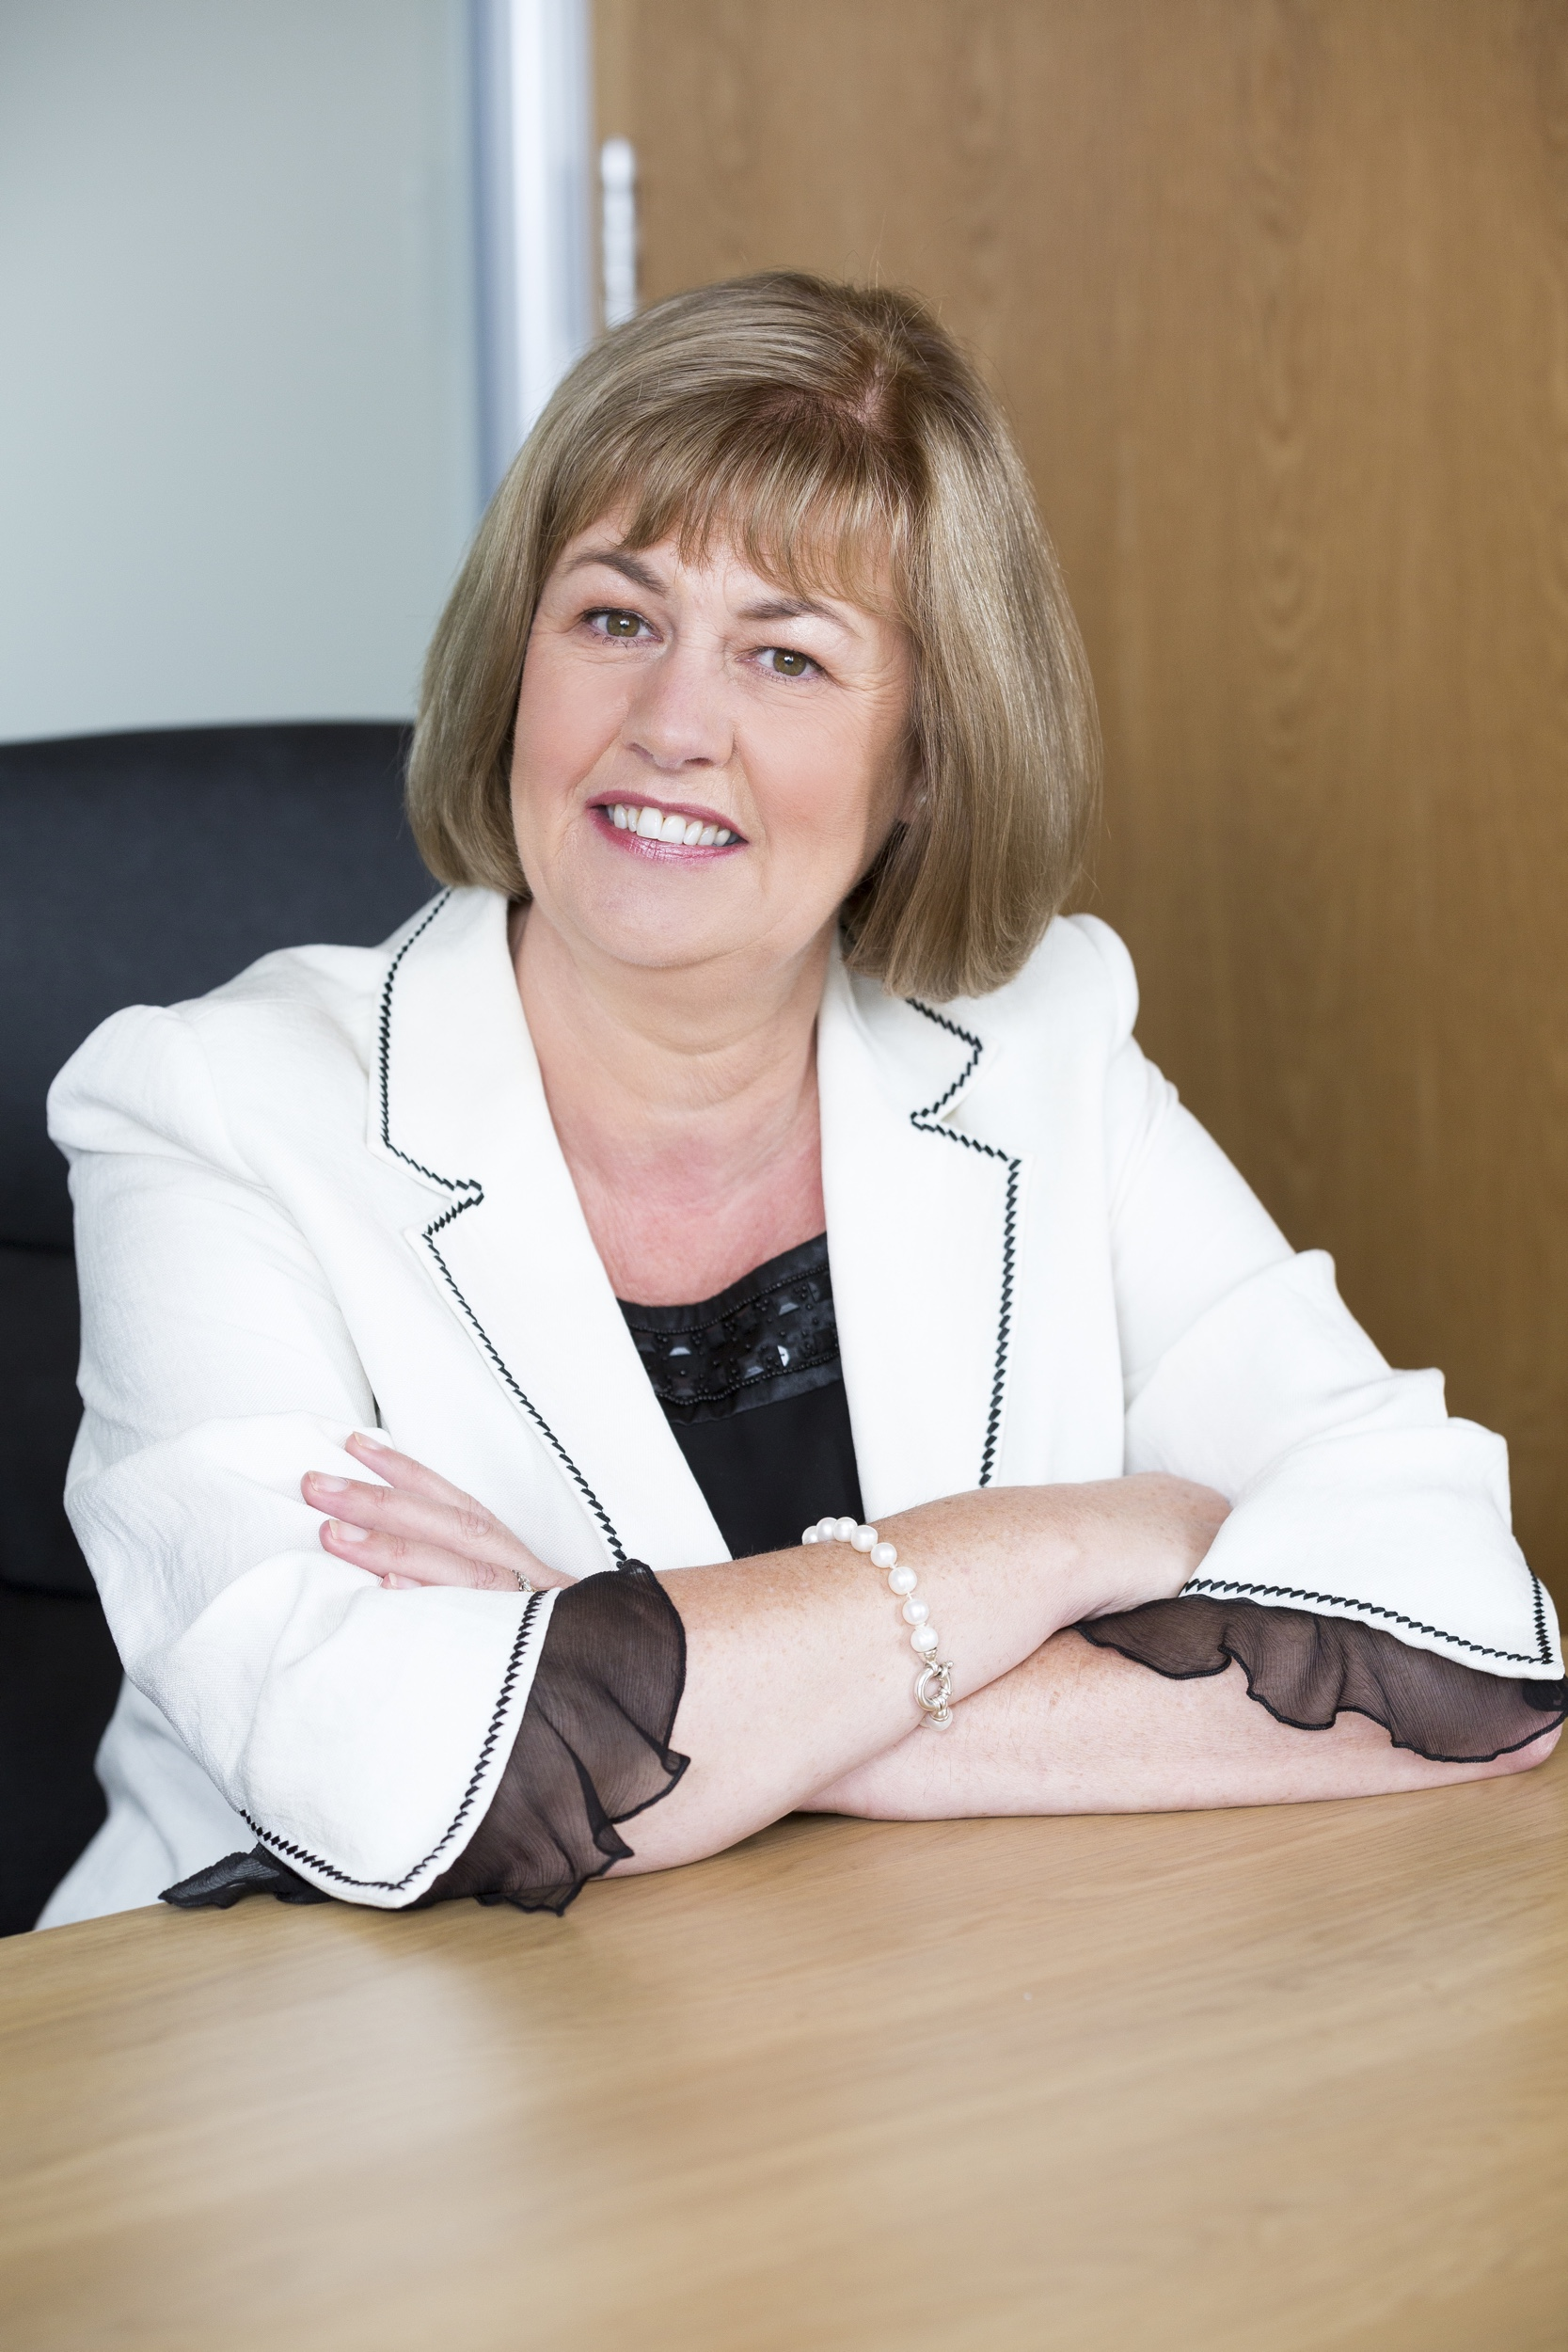 Anne Reilly